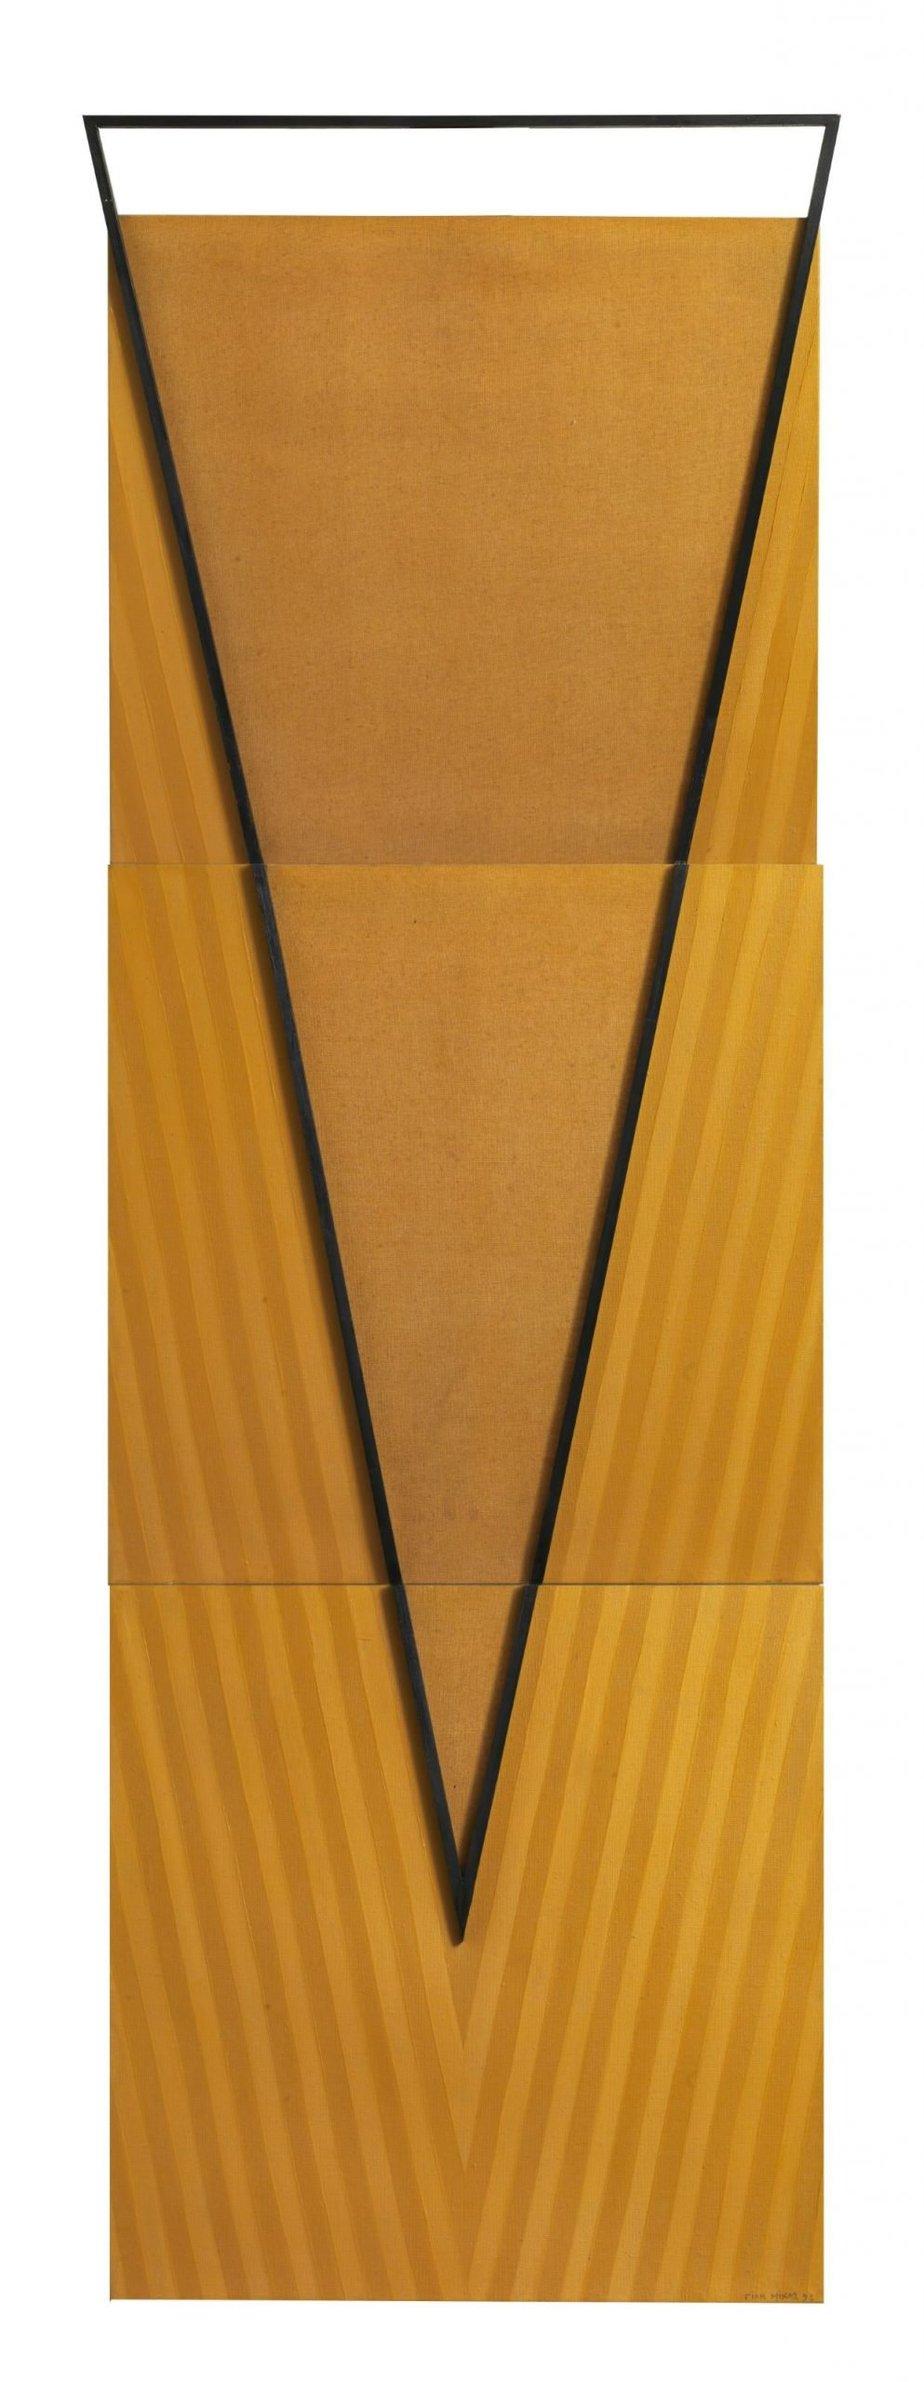 ΓΙΑΝΝΗΣ ΜΙΧΑΣ (1938-2008) Α+Λ 273, 1993 Μεικτή τεχνική σε καμβά, 223,5 x 74 εκ. Roma Gallery